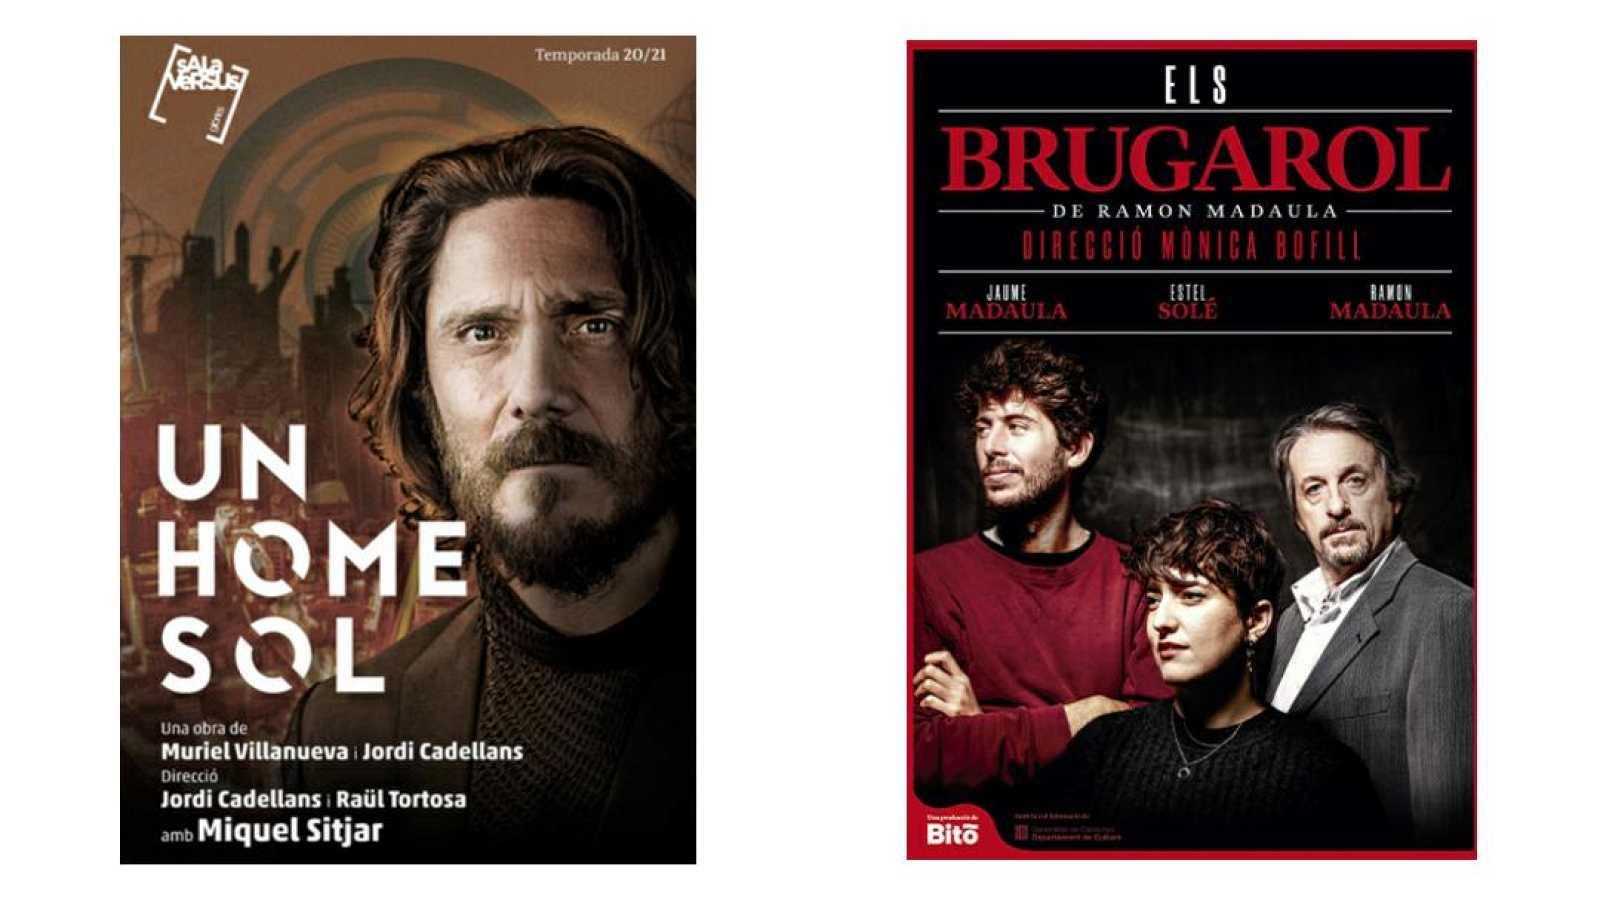 Wonderland -  Teatre: 'Un home sol' i 'Els Brugarol'